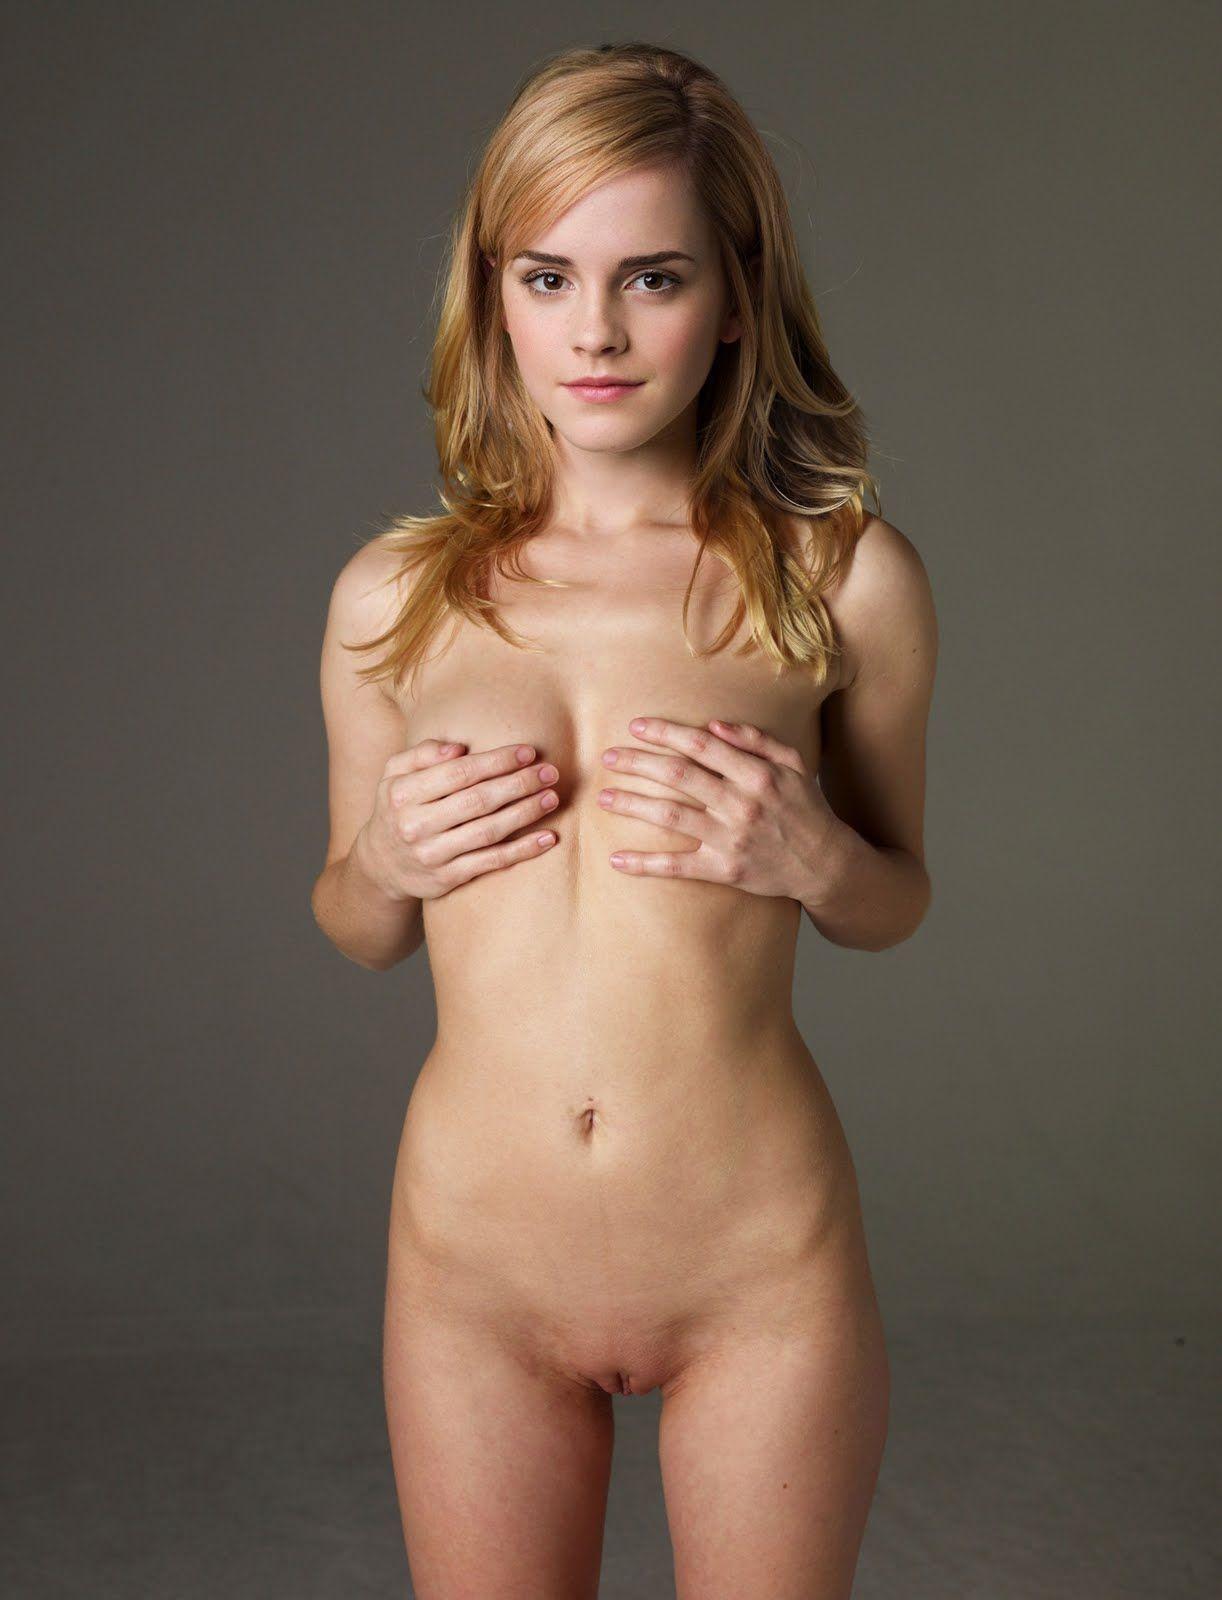 watson boy Emma naked